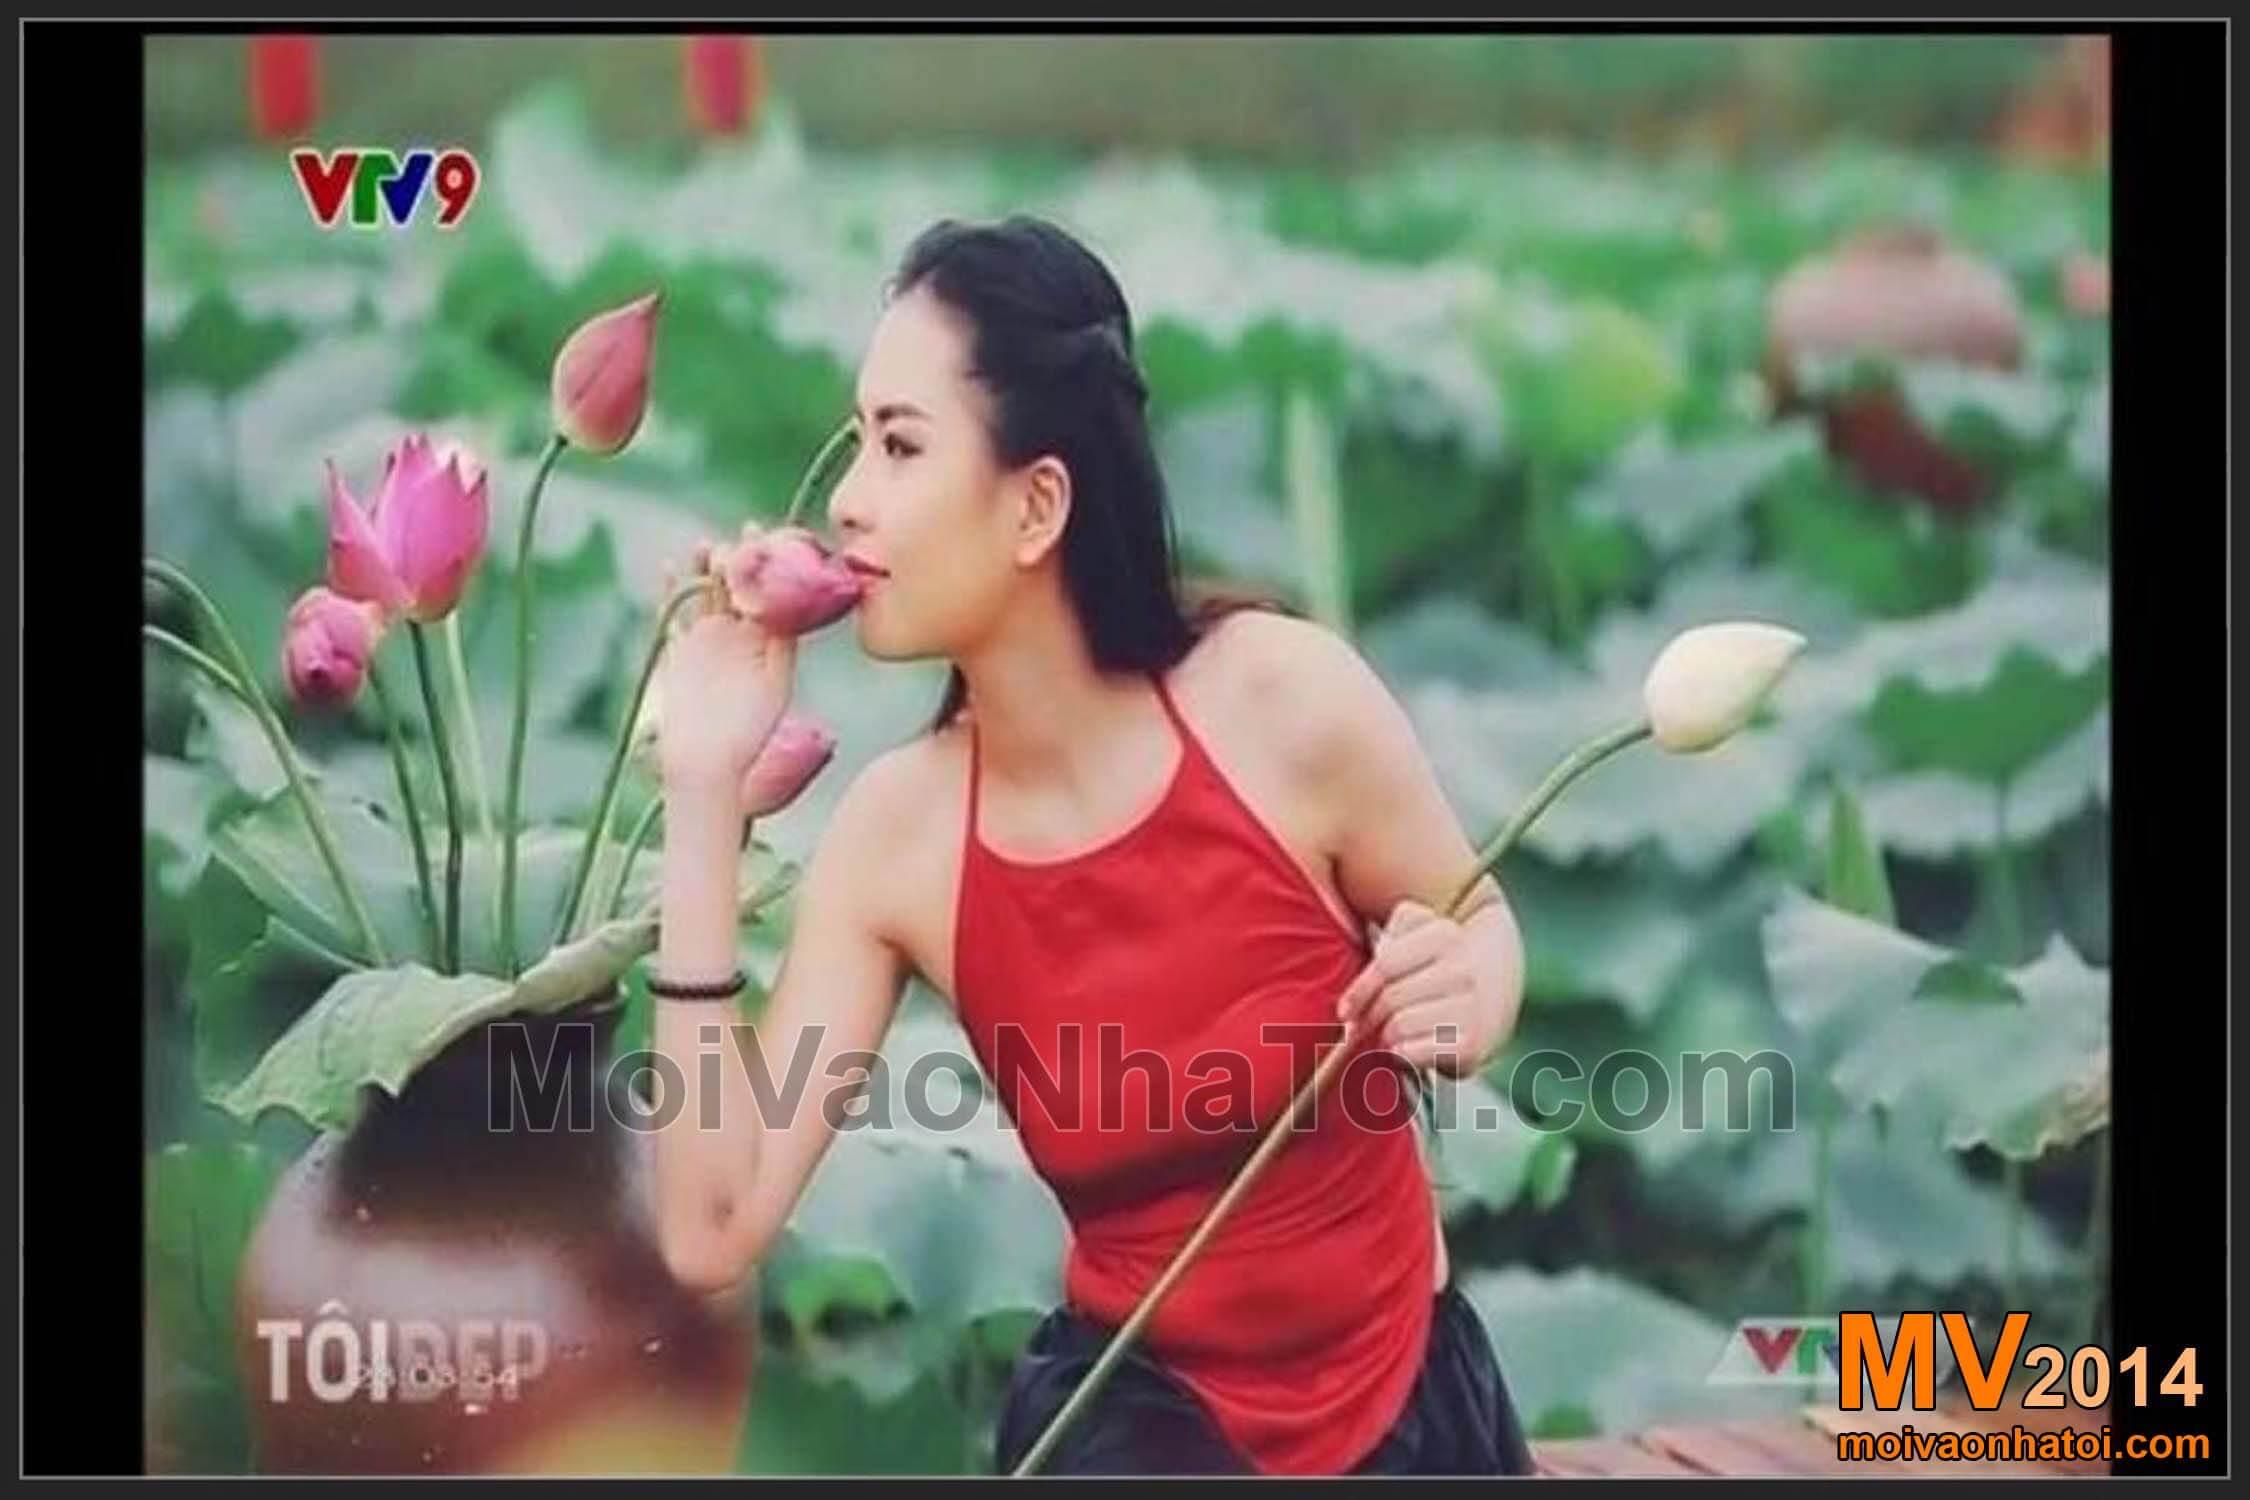 Diễn viên Nguyễn Minh Trang Tôi Đẹp VTV9